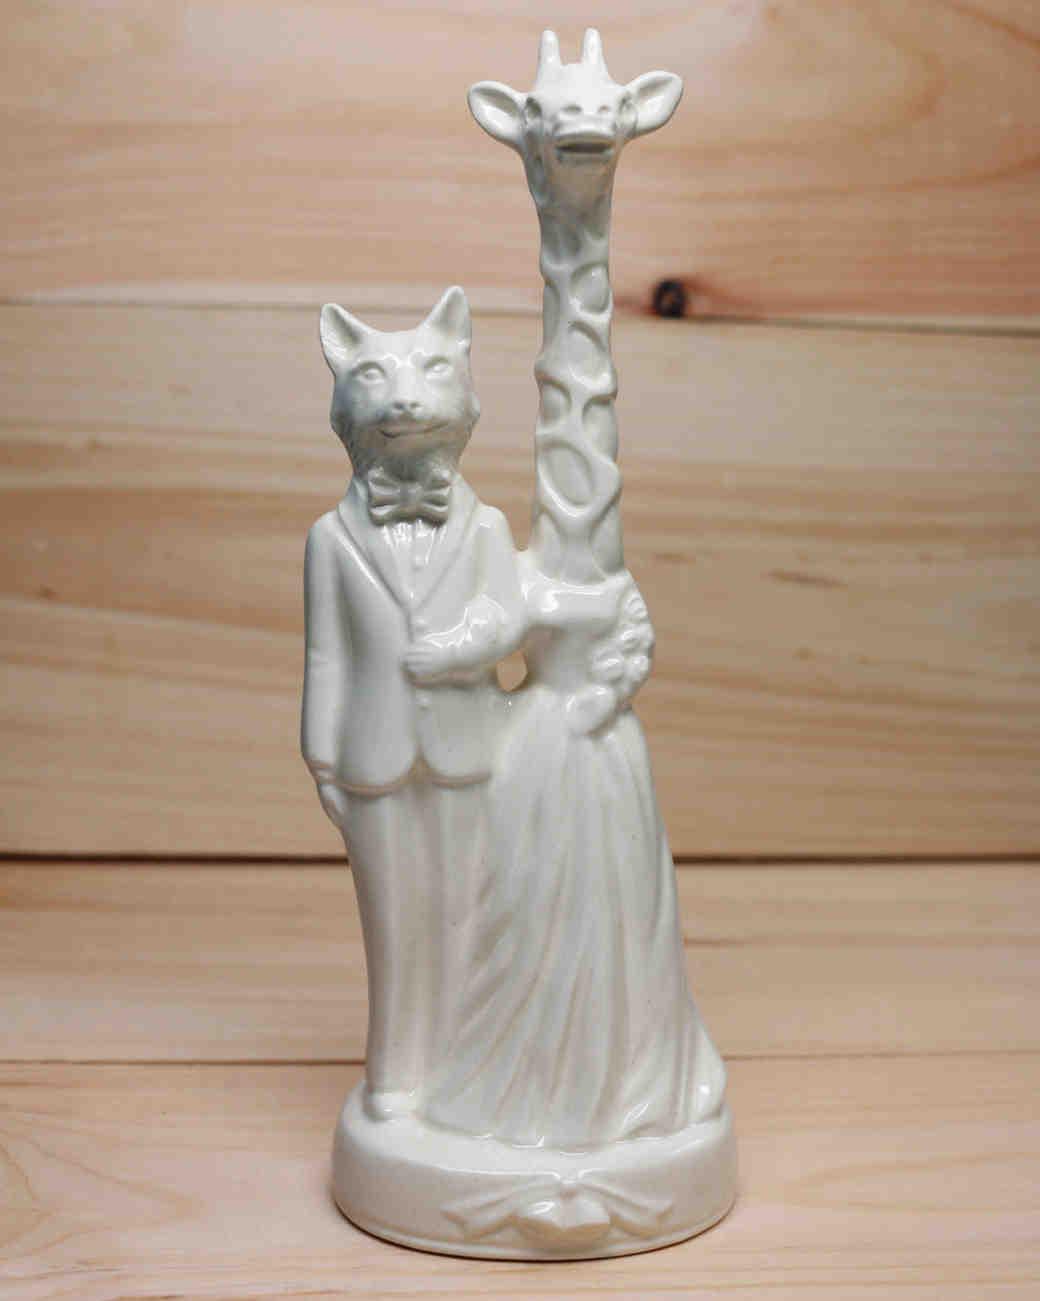 wedding-cake-toppers-fox-giraffe-1115.jpg